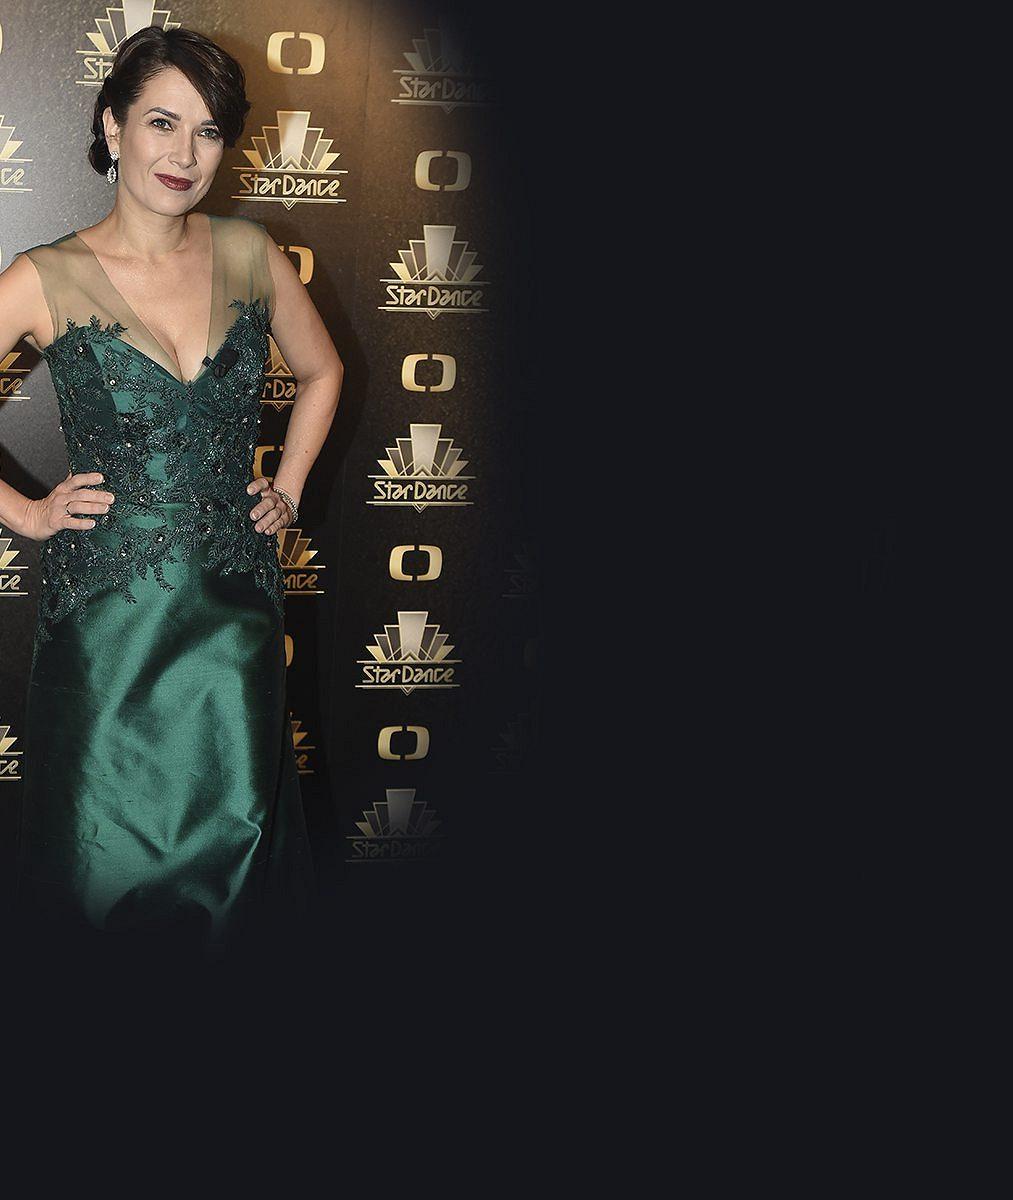 Tereza Kostková předvedla ve StarDance bujný dekolt v sexy šatech: Tuto podívanou dopřála kromě manžela i divákům